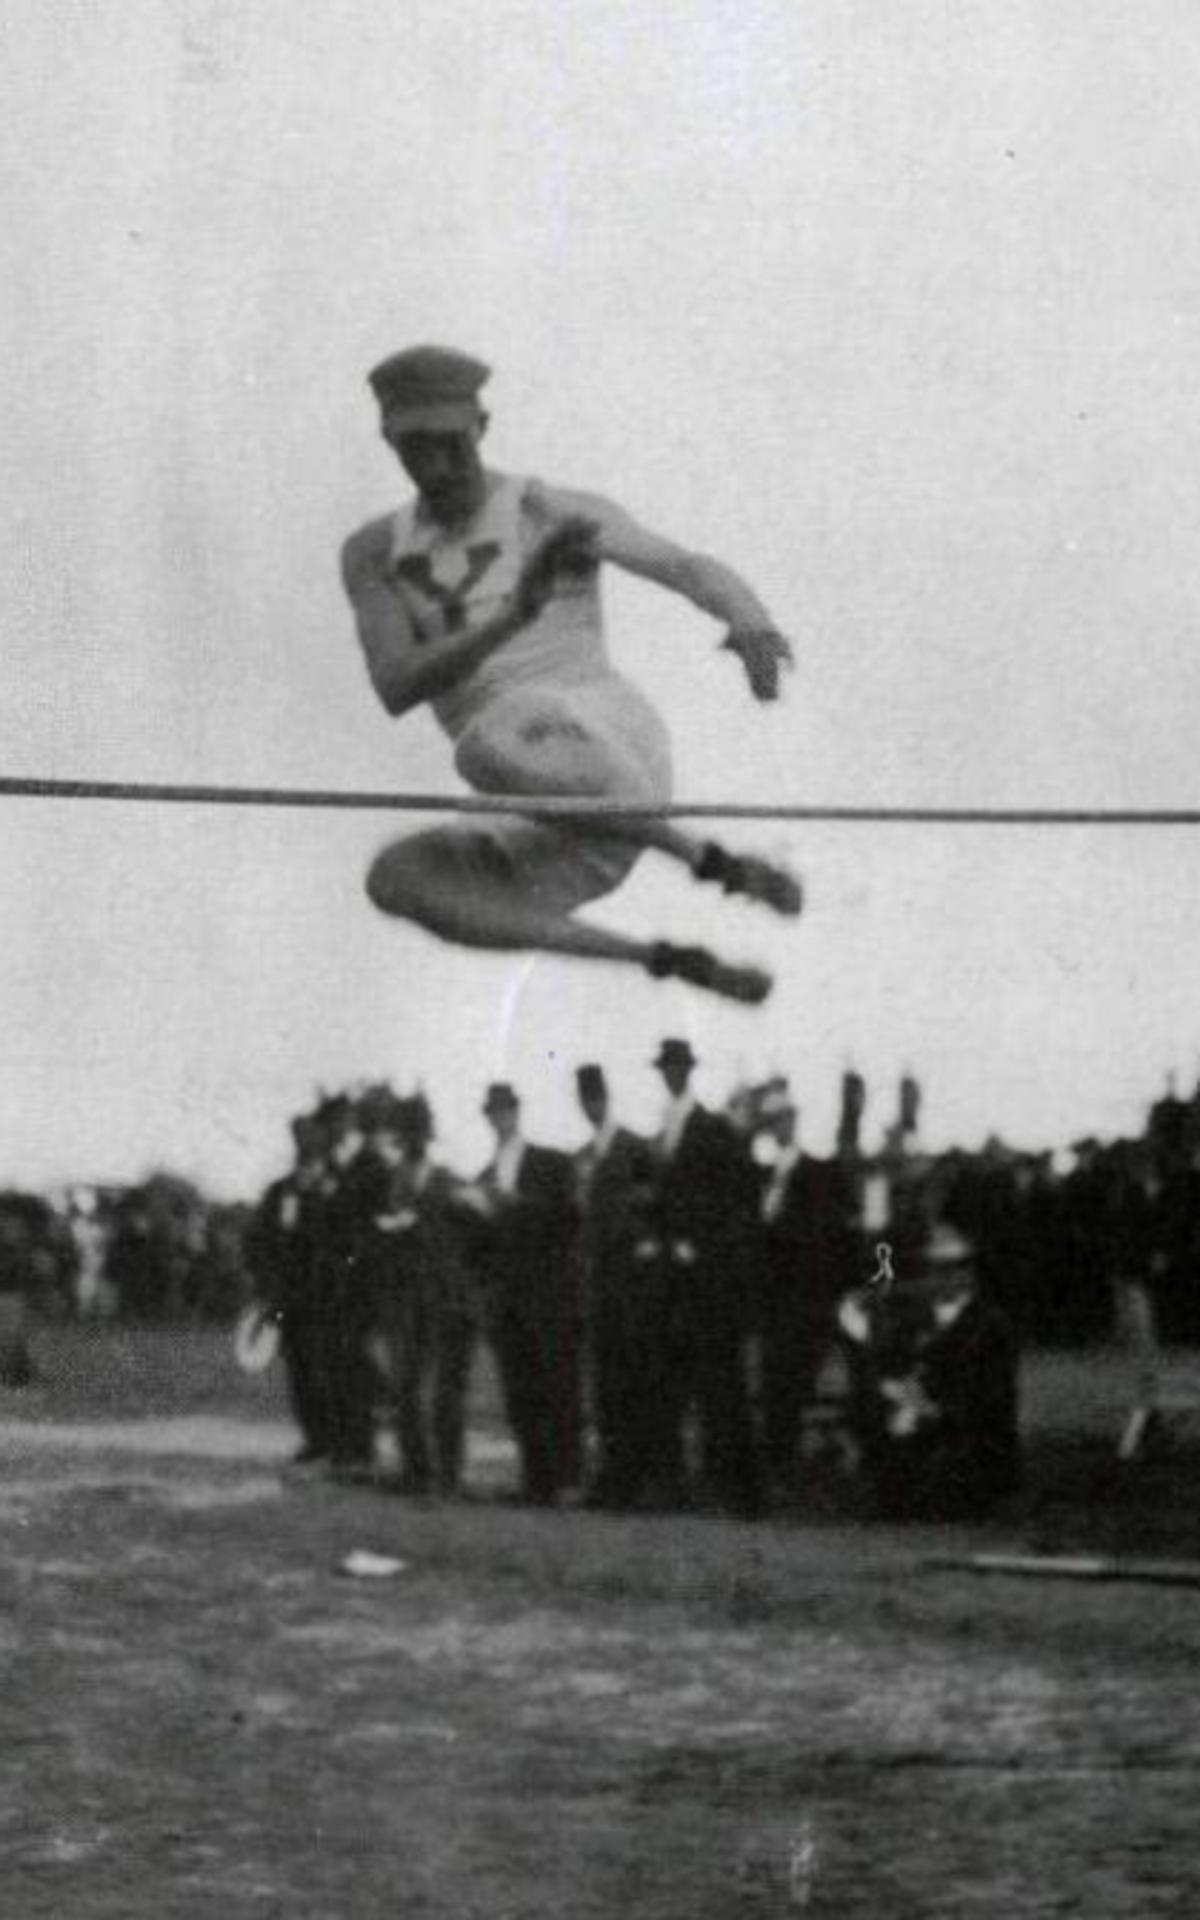 몰몬 선수 중 최초의 금메달리스트 Alma Richards, 1912년 스웨덴 스톡홀름 올림픽에서 높이뛰기 세계신기록을 경신했다. (6피트 4인치, 약 193cm)